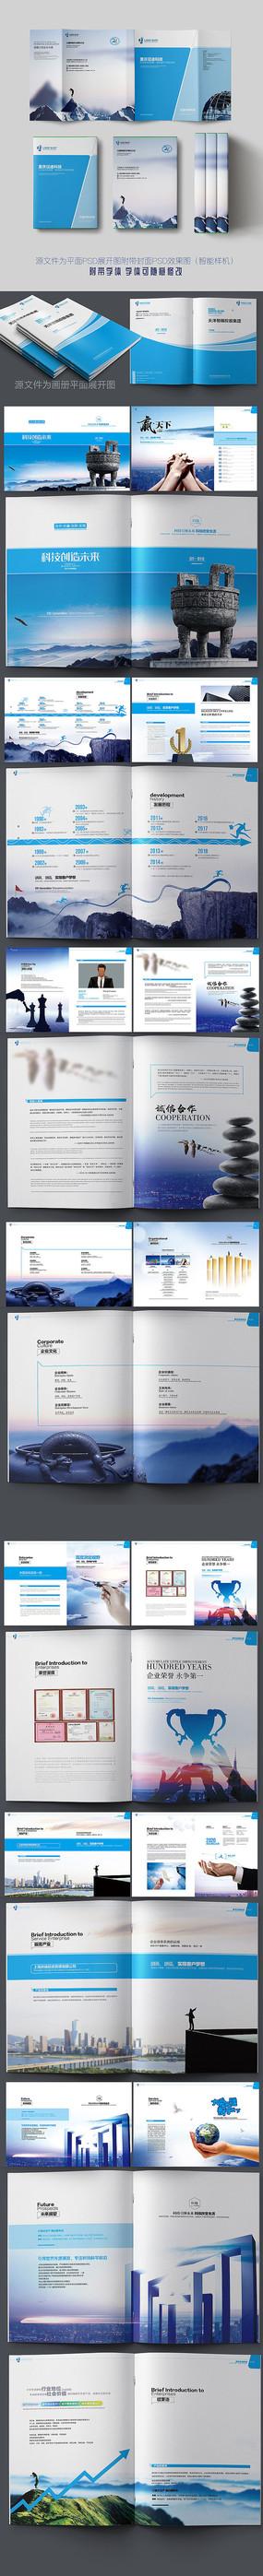 高端大气企业形象画册模板